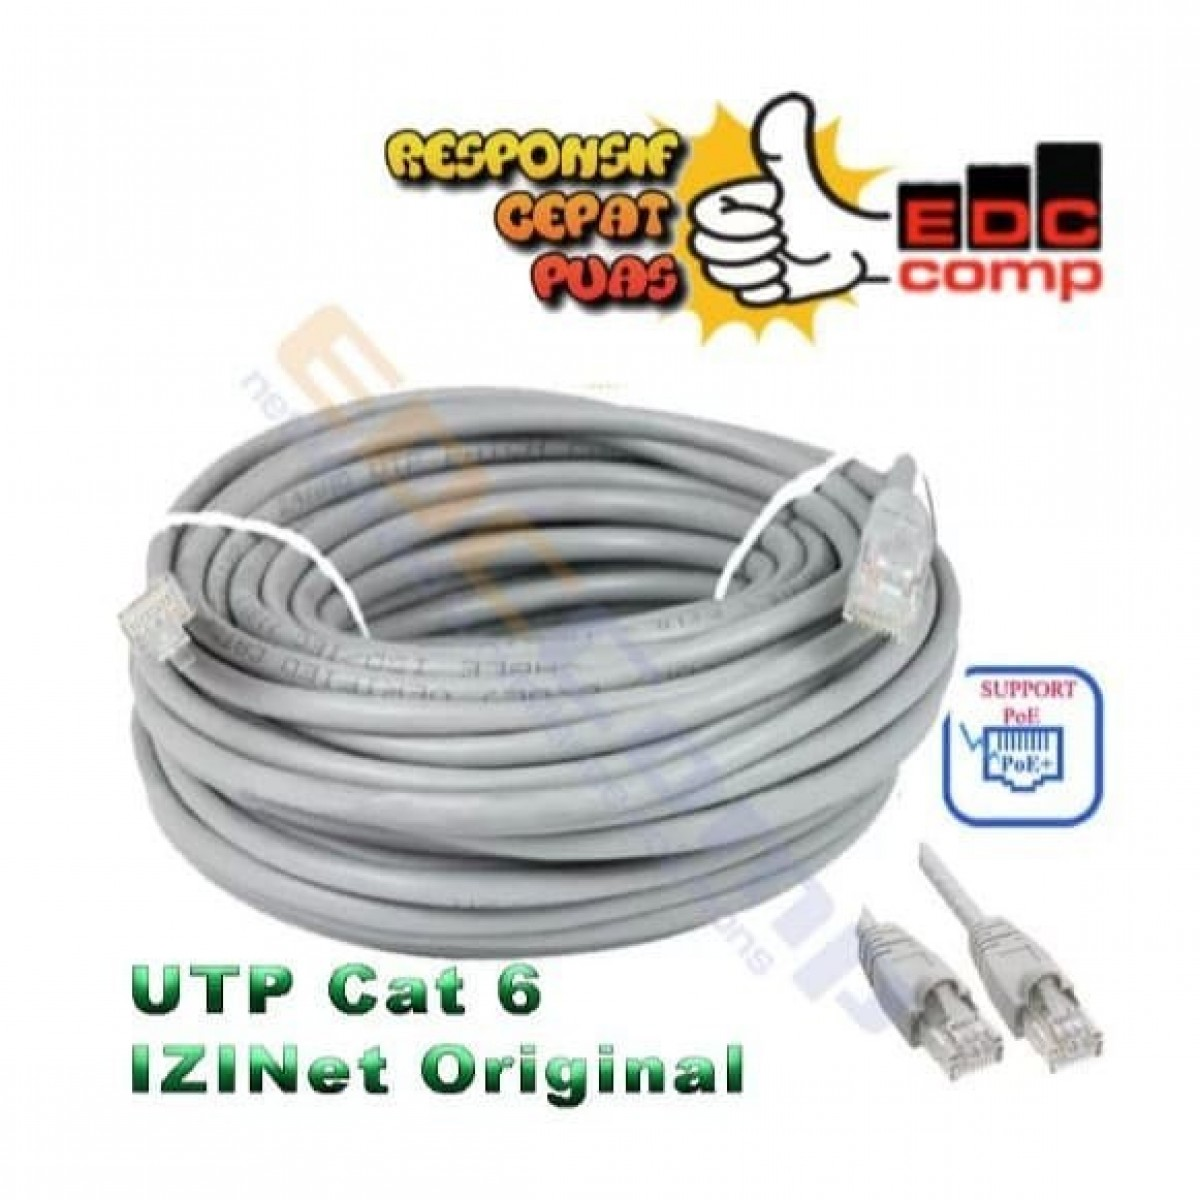 Kabel IZINET UTP Cat6 / Cable Izinet Cat6 85 Meter - EdcComp